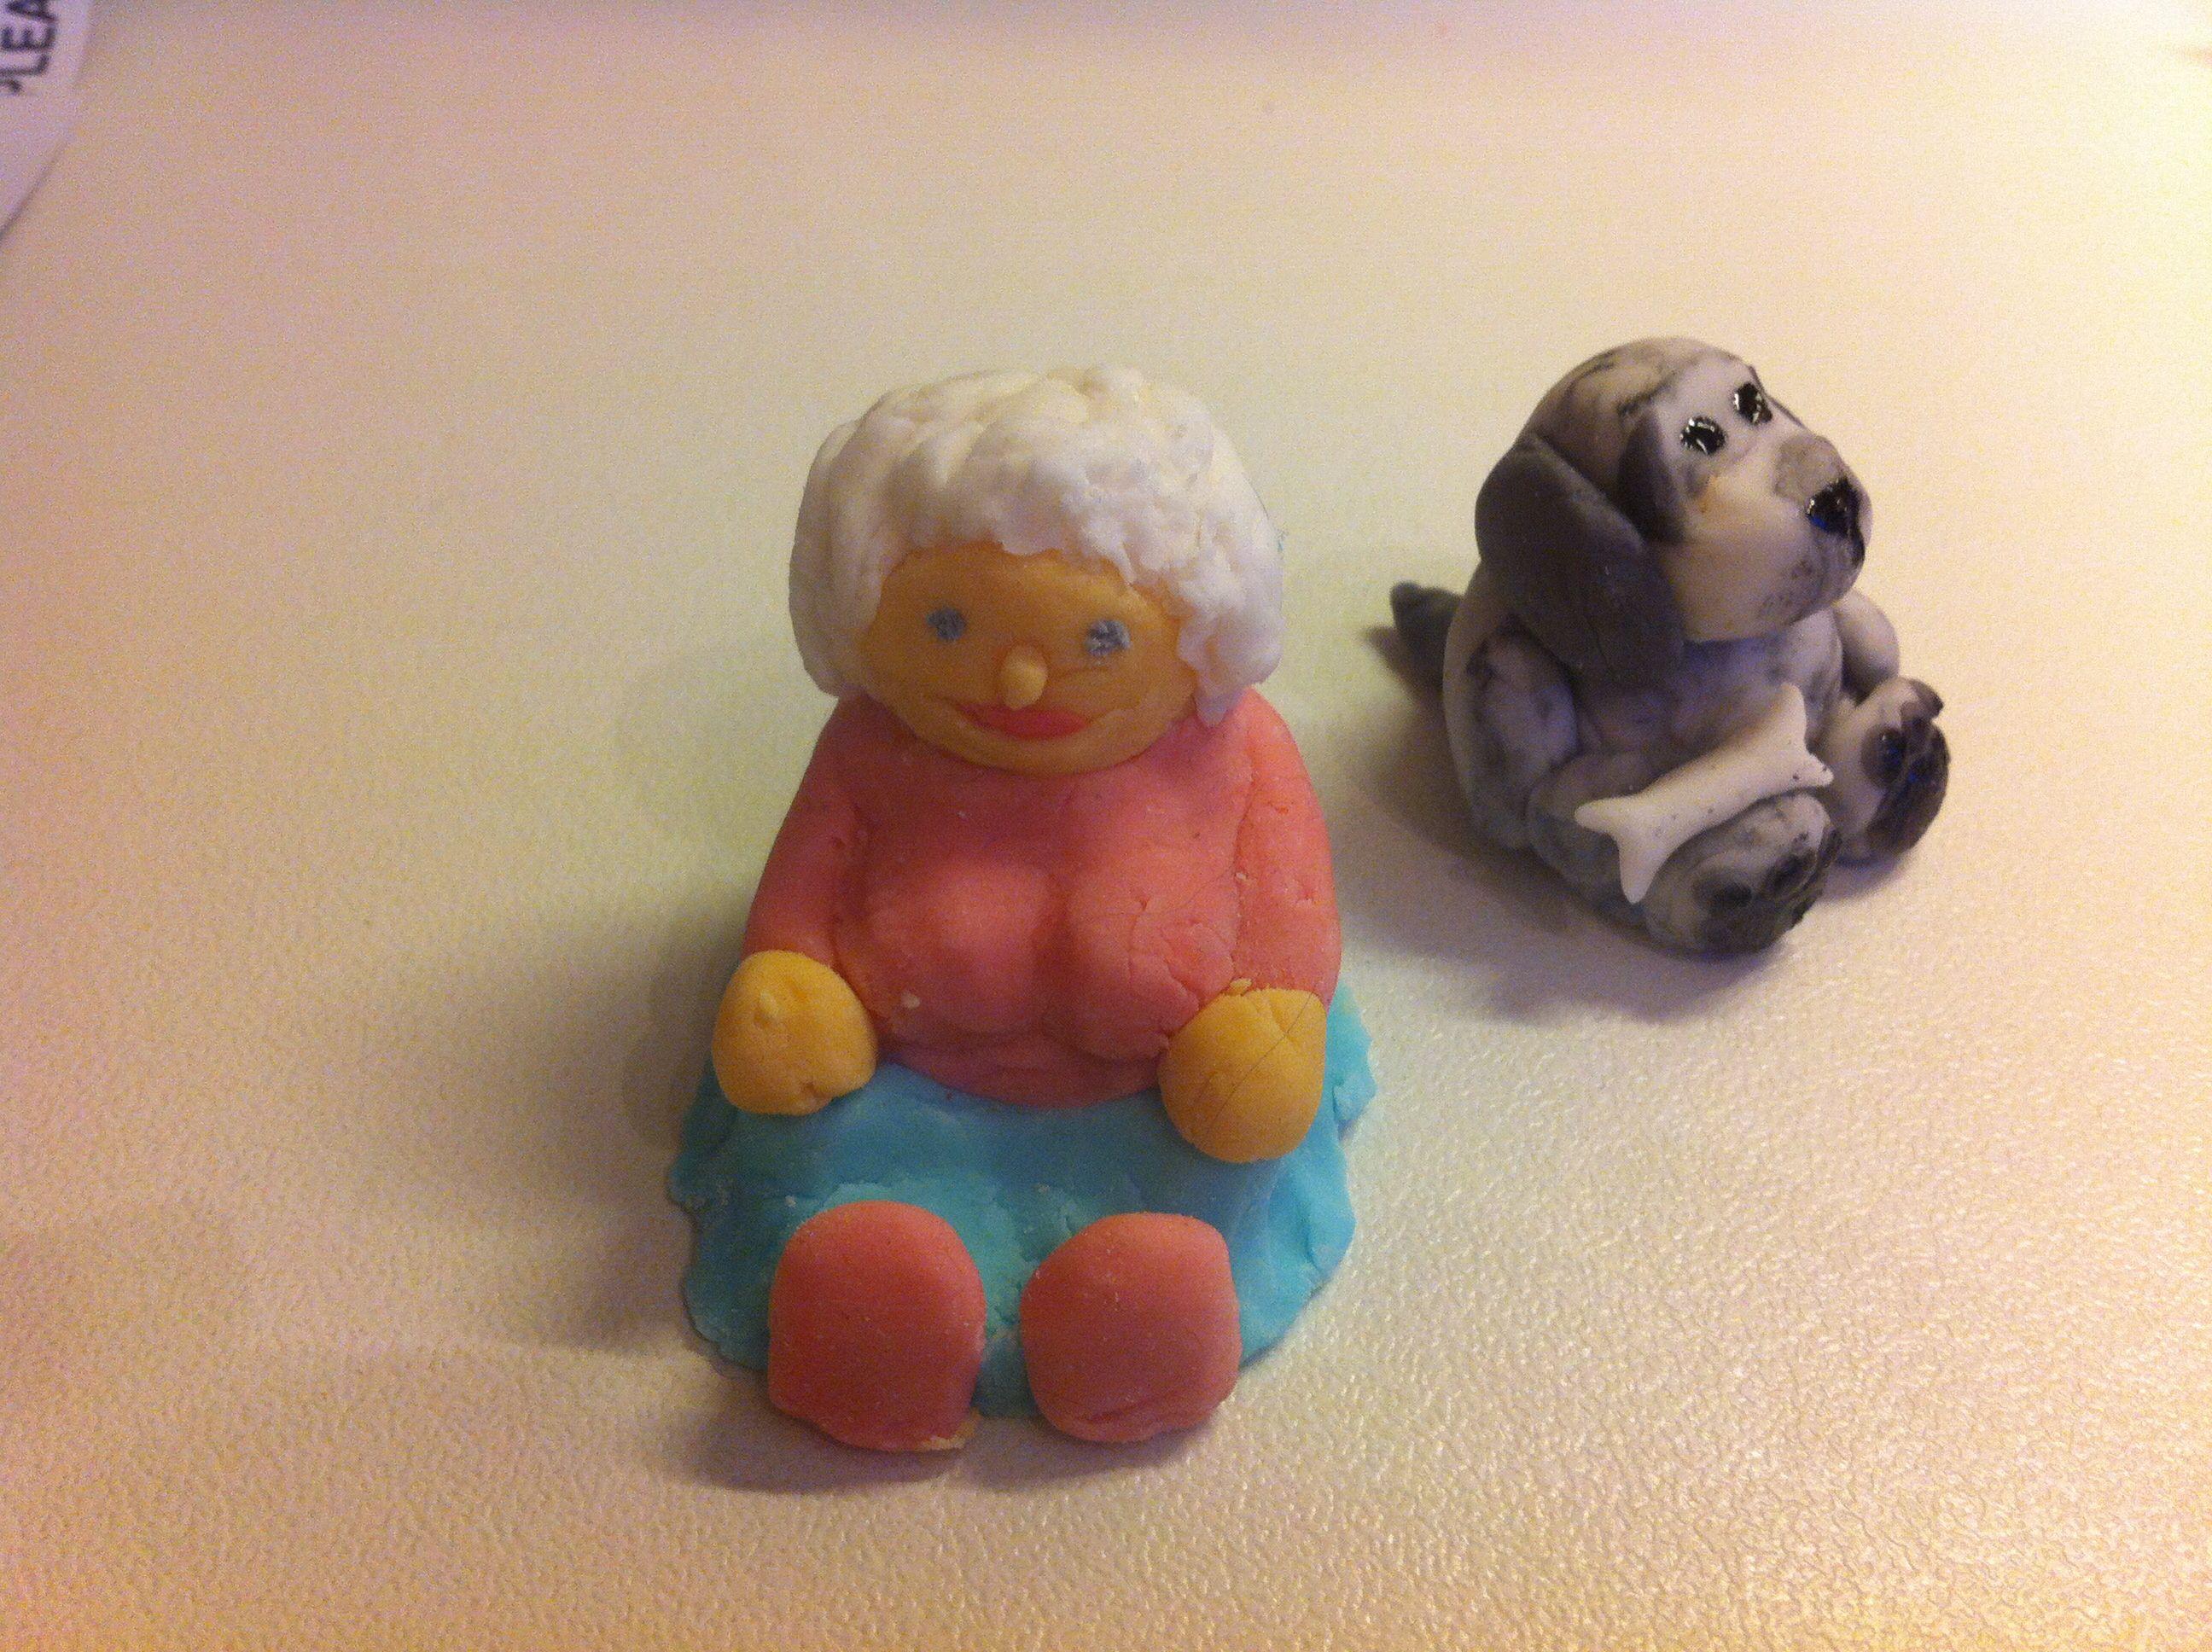 Grandma and her pet cocker